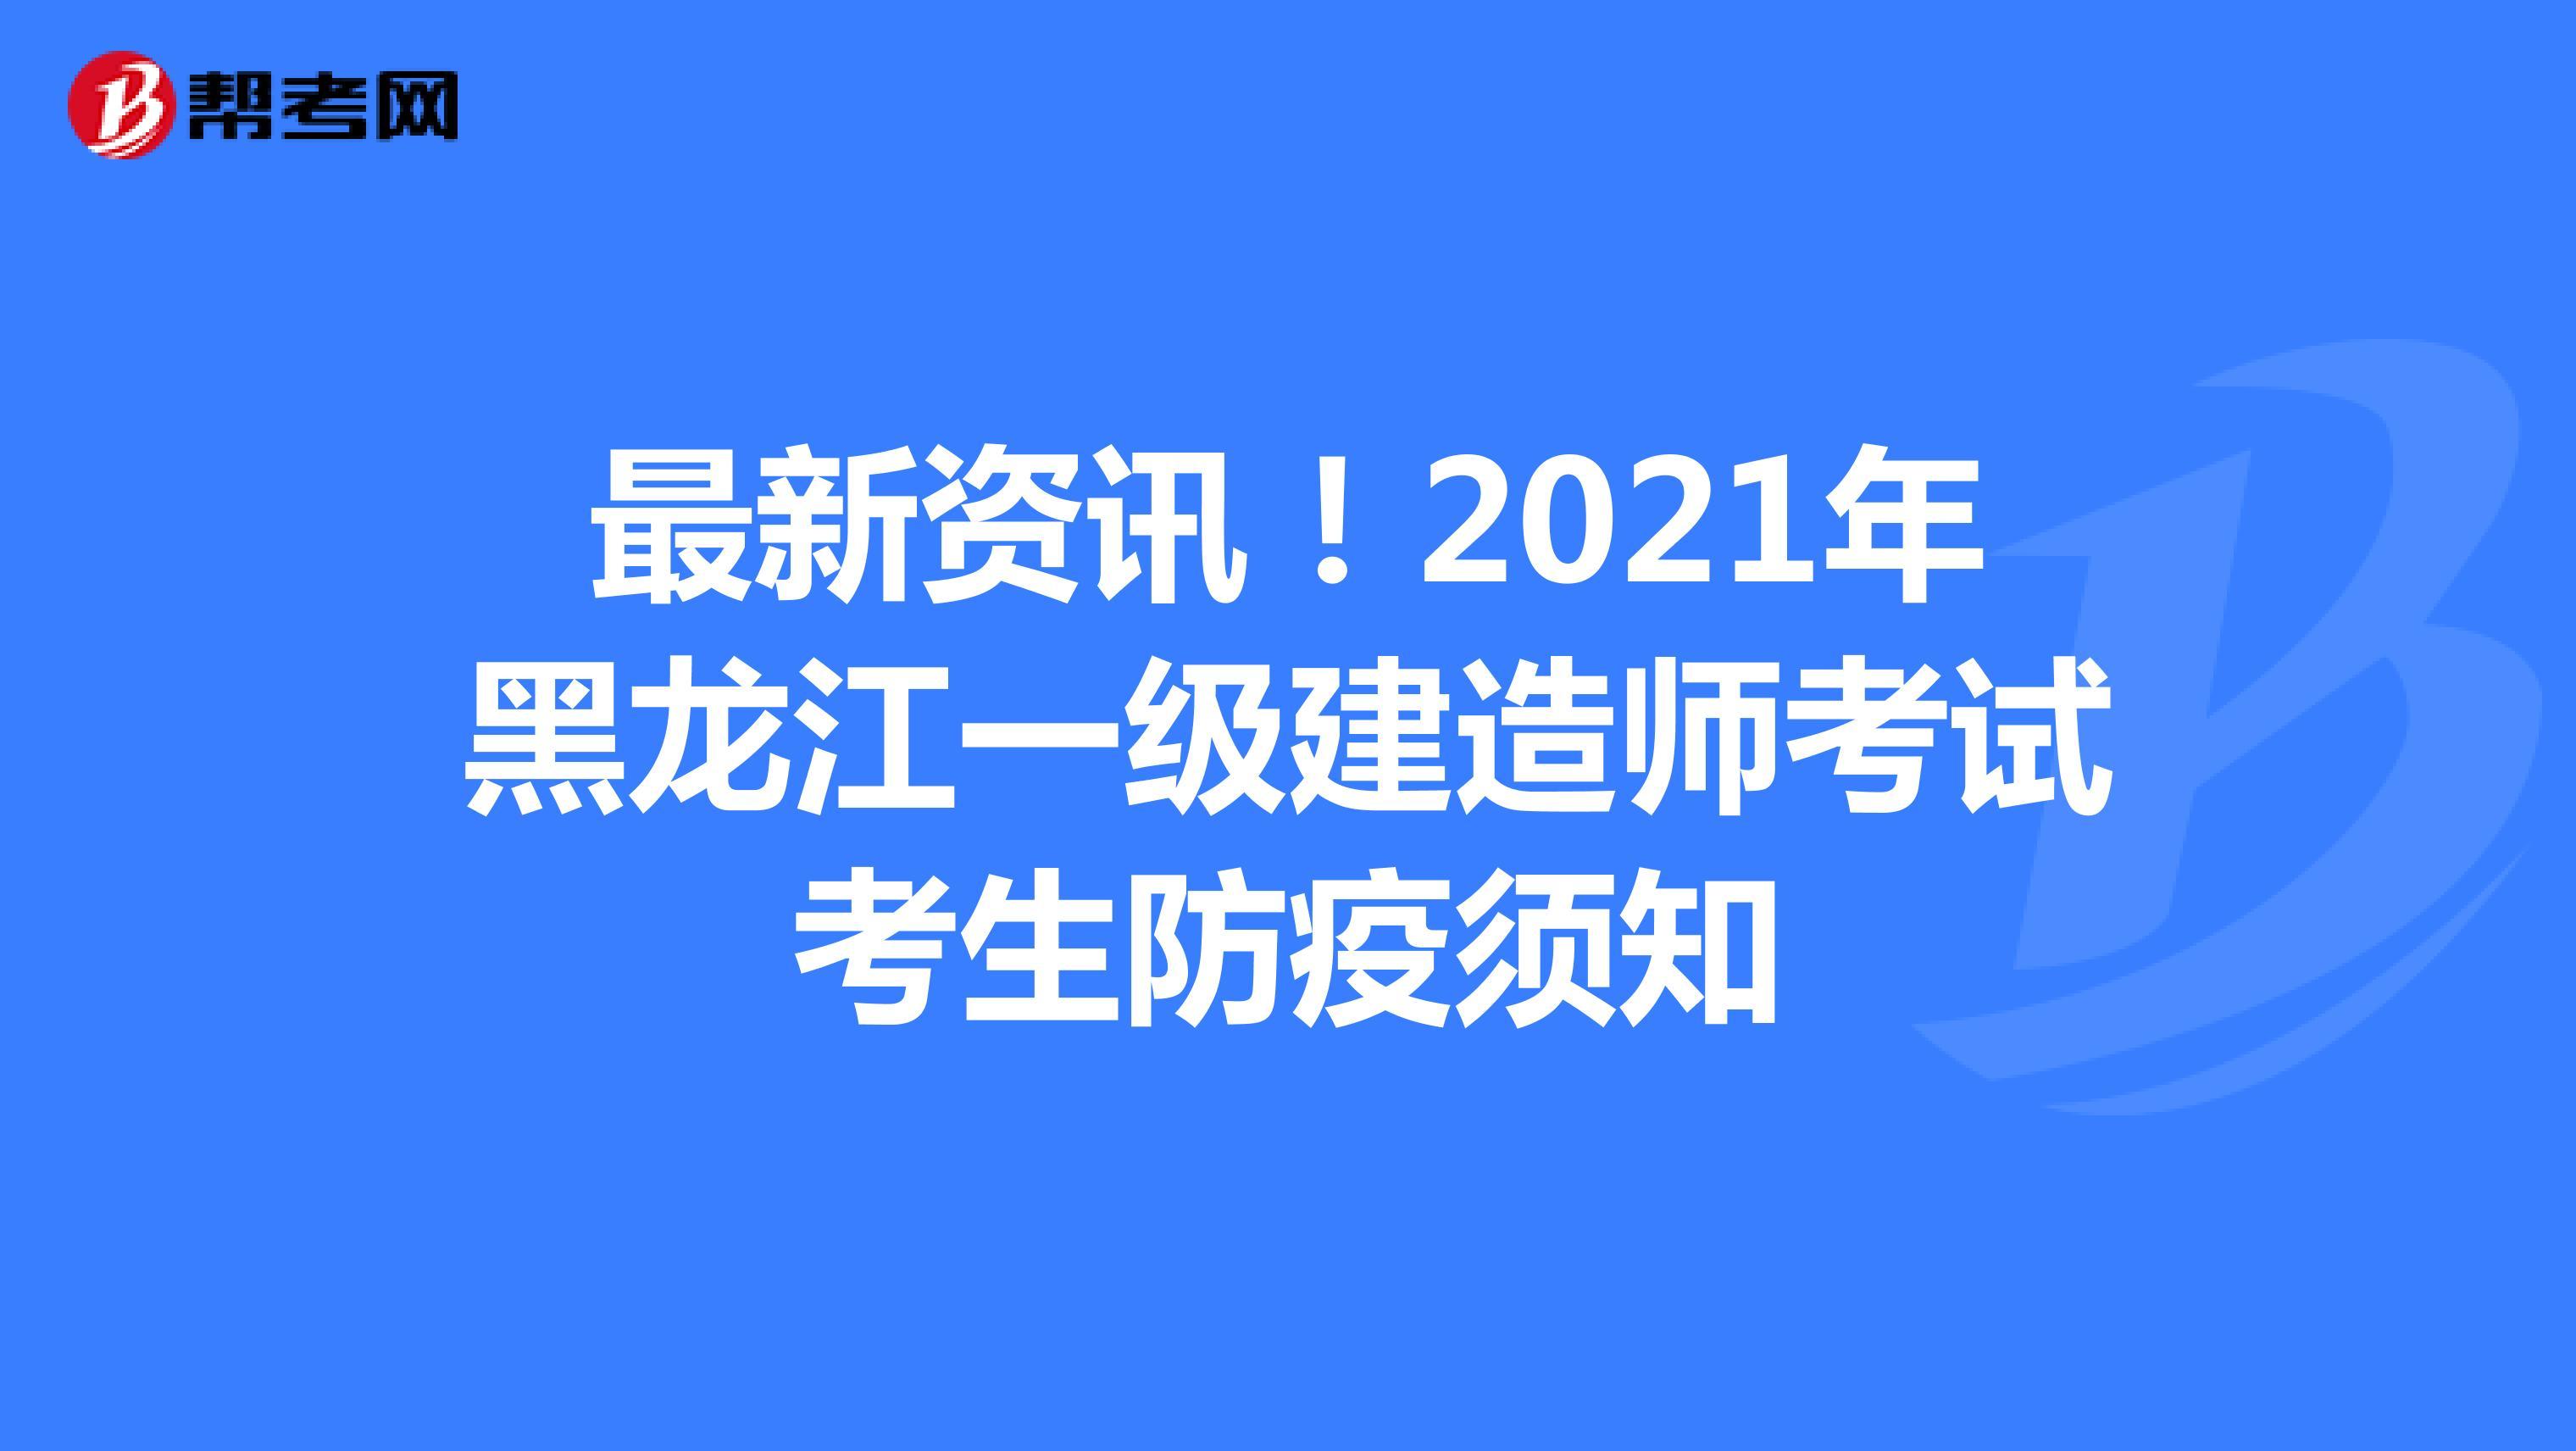 最新资讯!2021年黑龙江一级建造师考试考生防疫须知